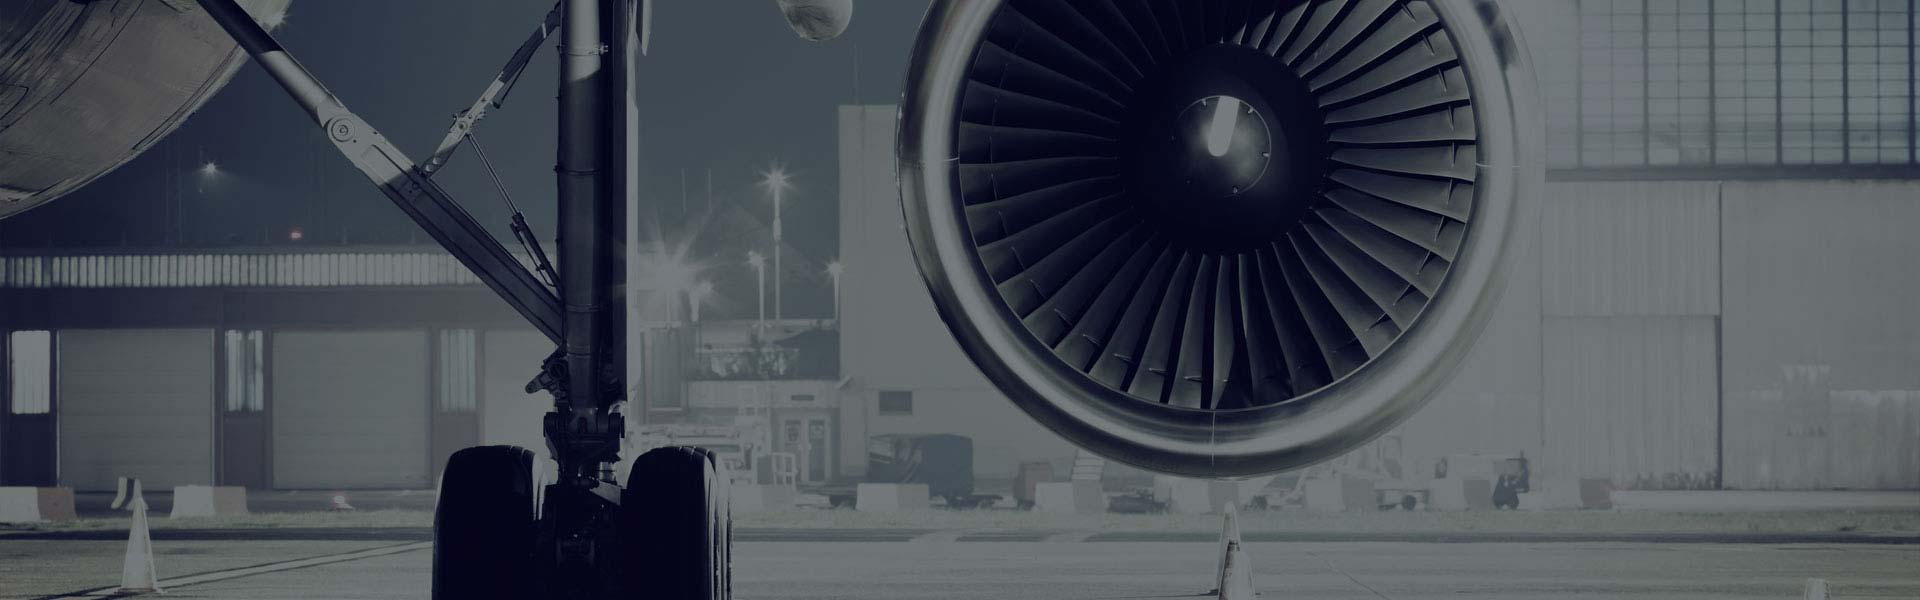 empresa logística, vaclog, modal aéreo, transporte de cargas, frete aéreo